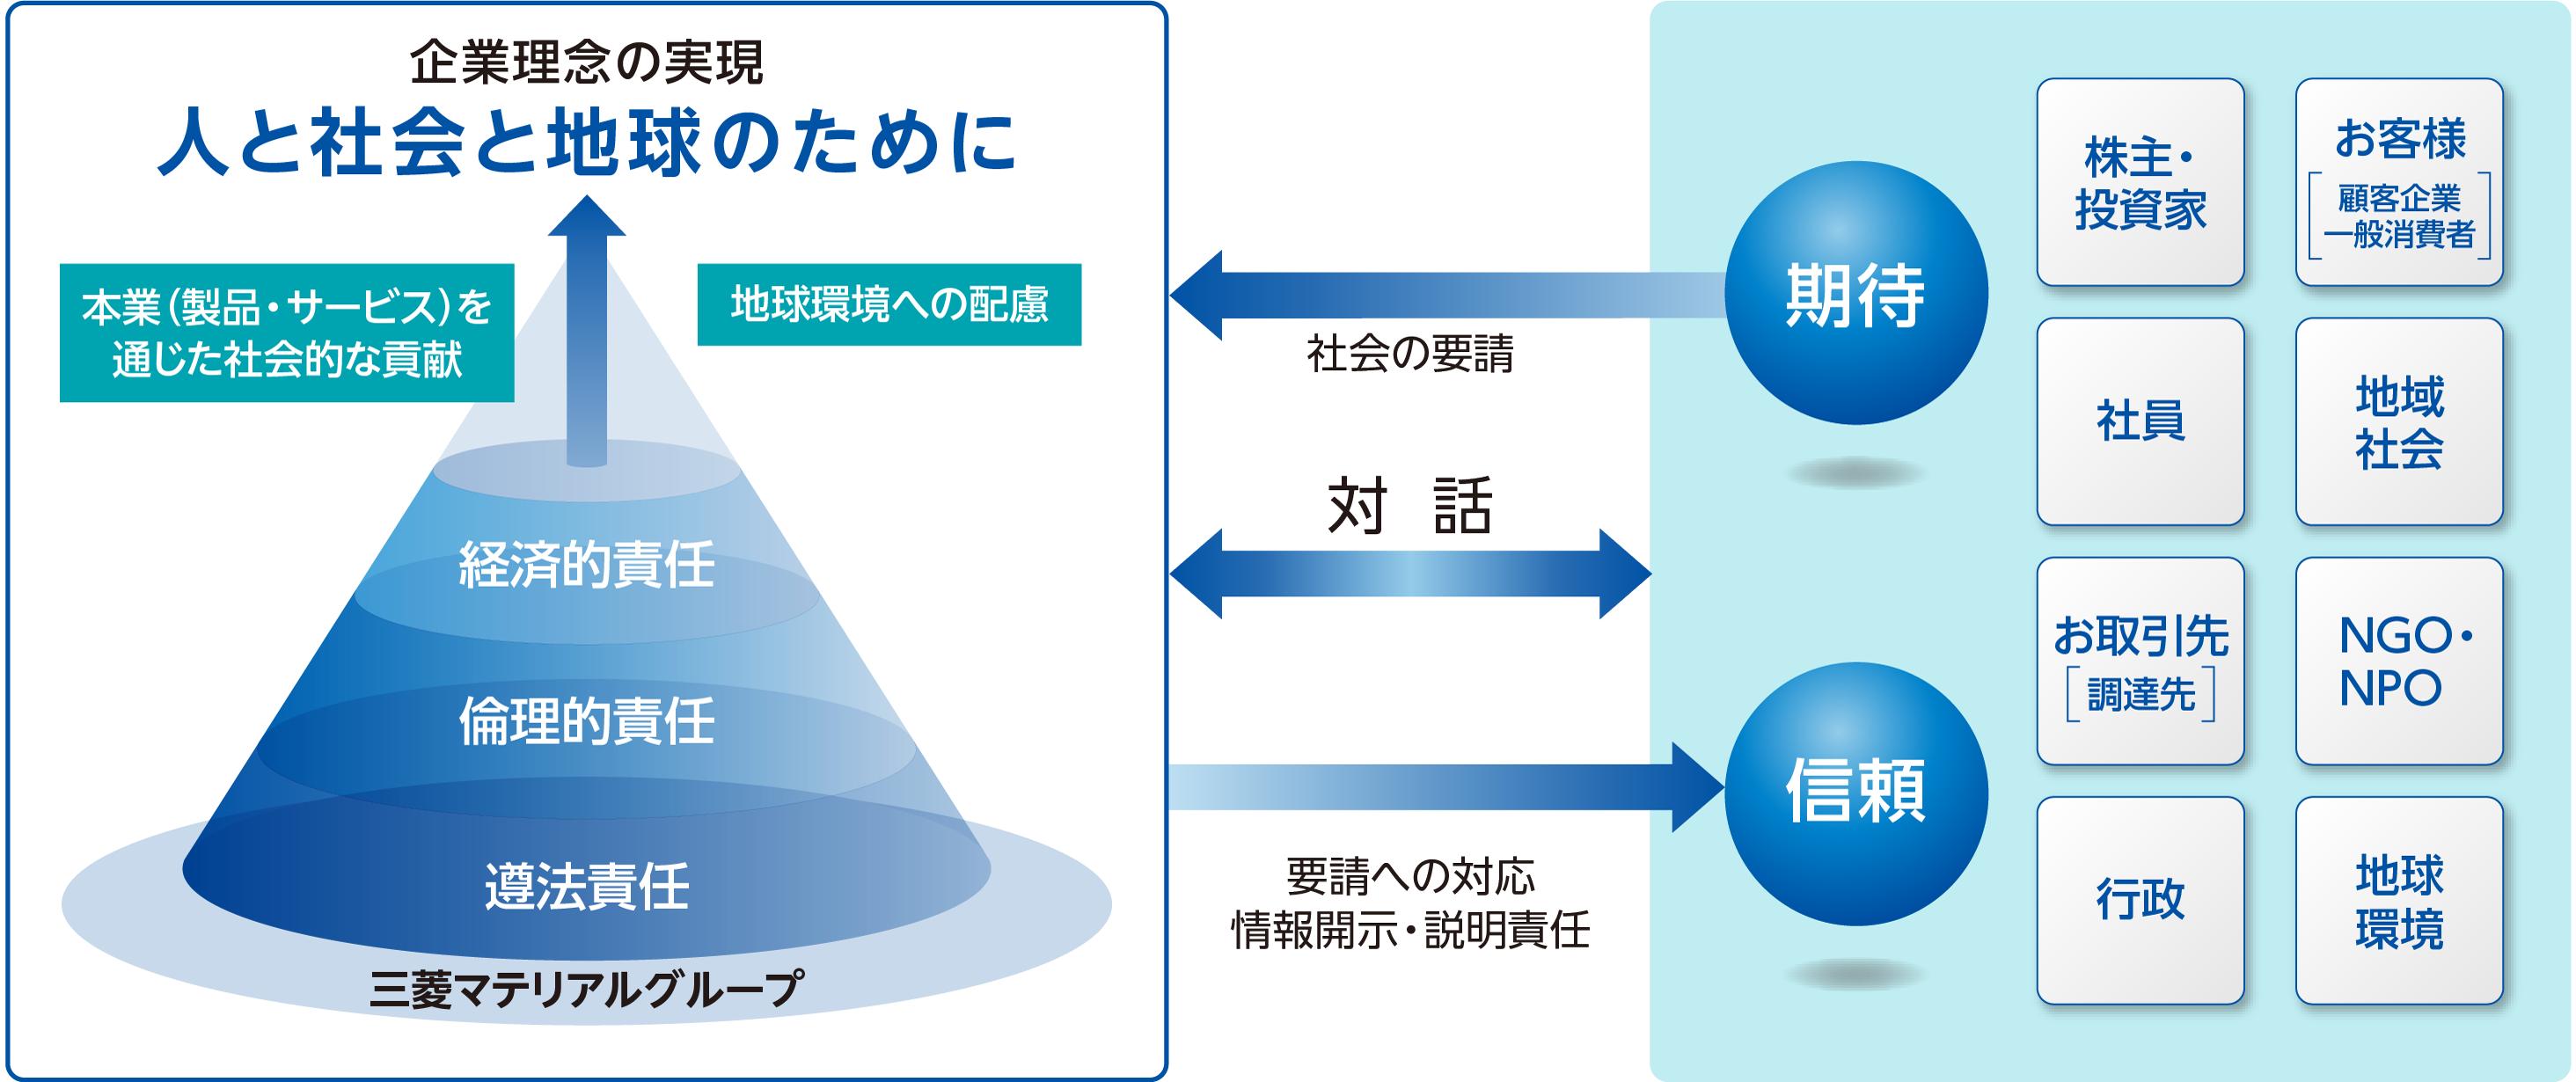 三菱マテリアルグループのCSR概念図